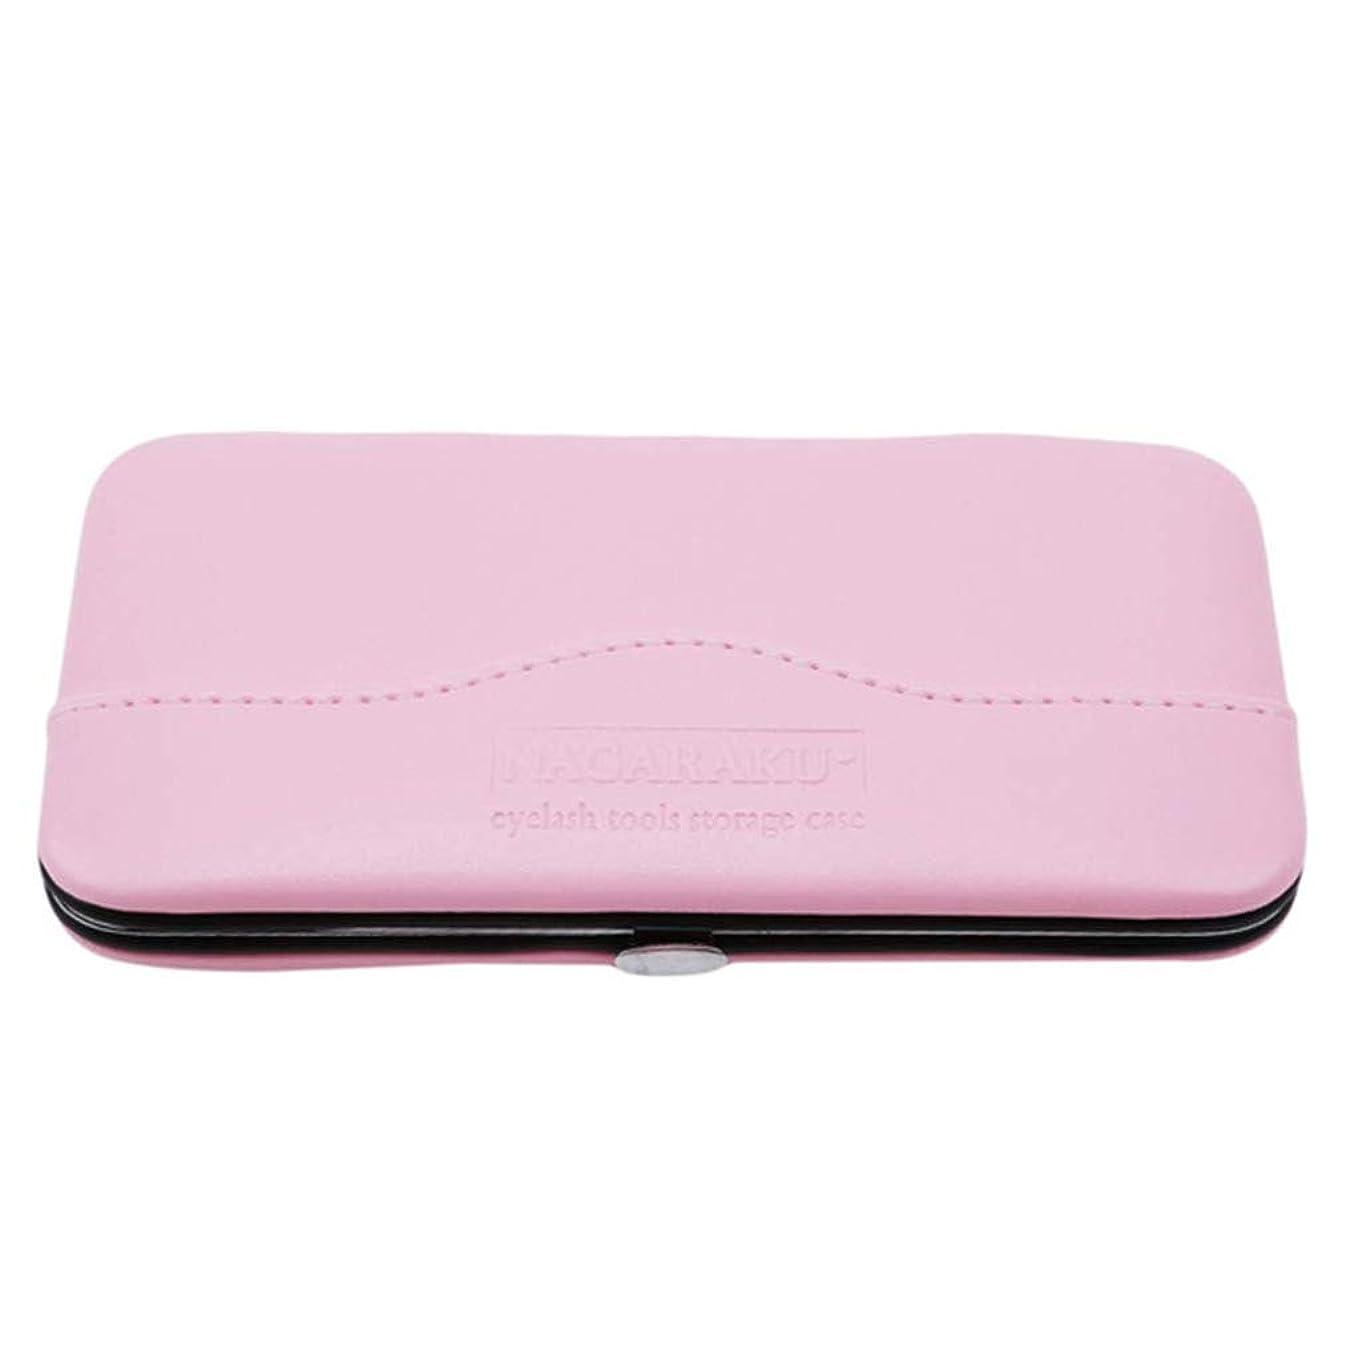 落ち着いたフローティング噴出する1st market プレミアム品質1ピース化粧道具バッグ用まつげエクステンションピンセット収納ボックスケース